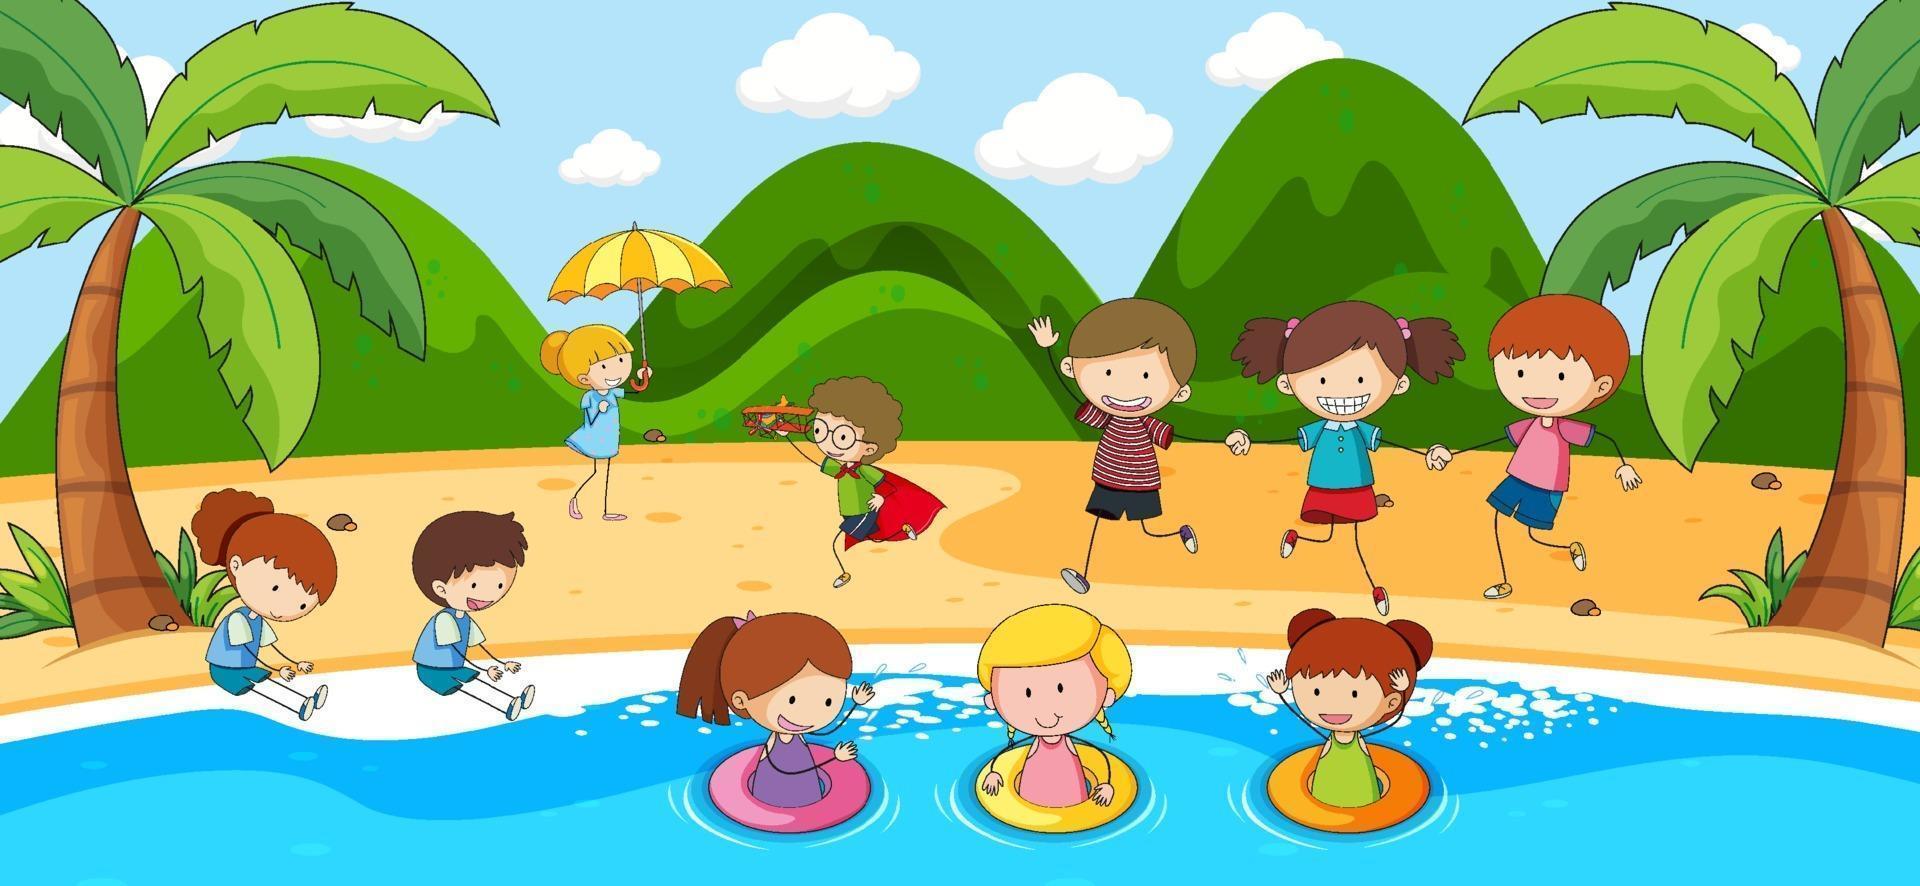 scena all'aperto con molti bambini che giocano in spiaggia vettore